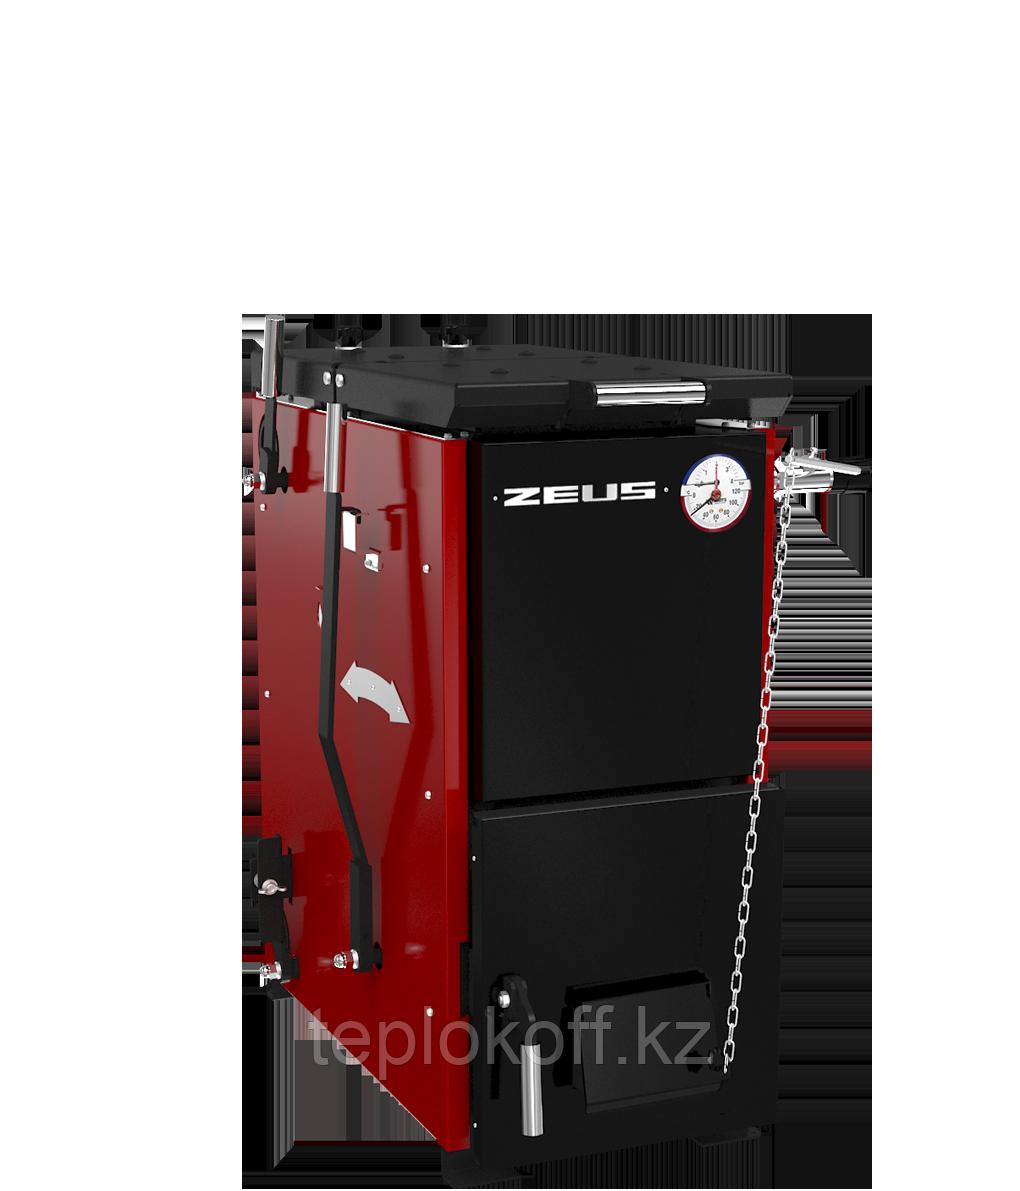 Котел твердотопливный полуавтоматический ZEUS («Зевс») 24 кВт